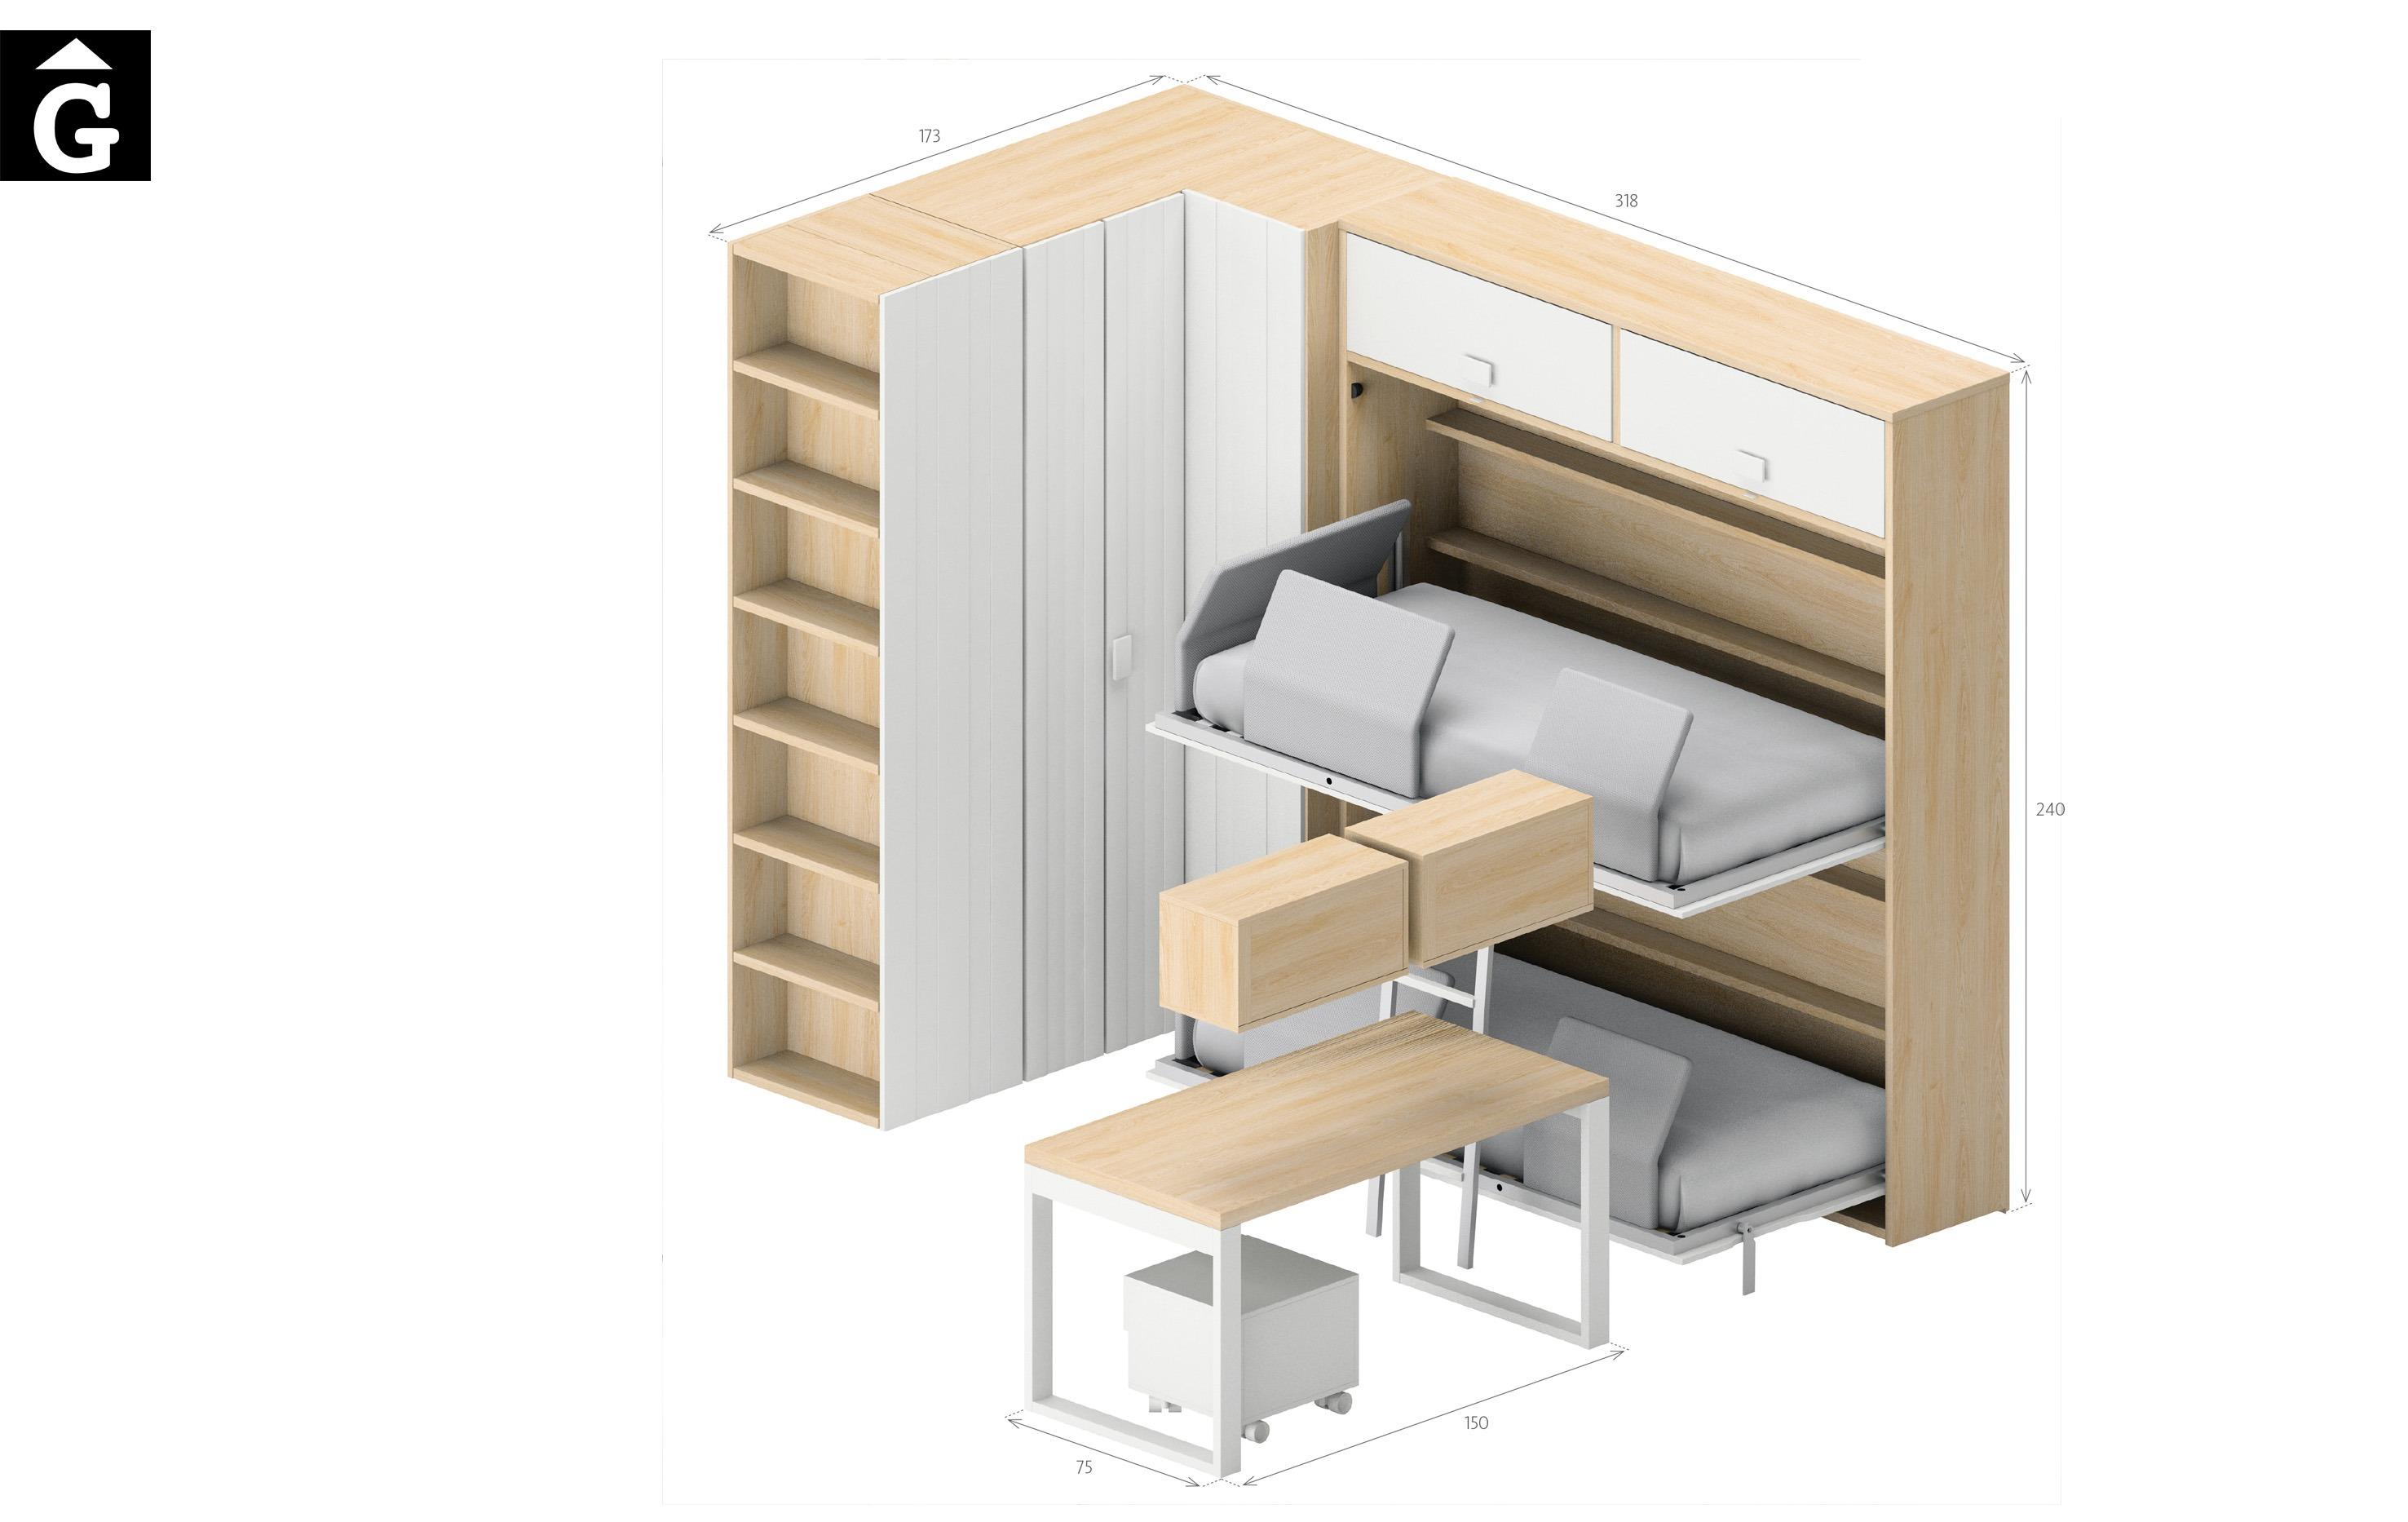 Dublin mides Lagrama habitacions juvenils by mobles Gifreu Porqueres Girona